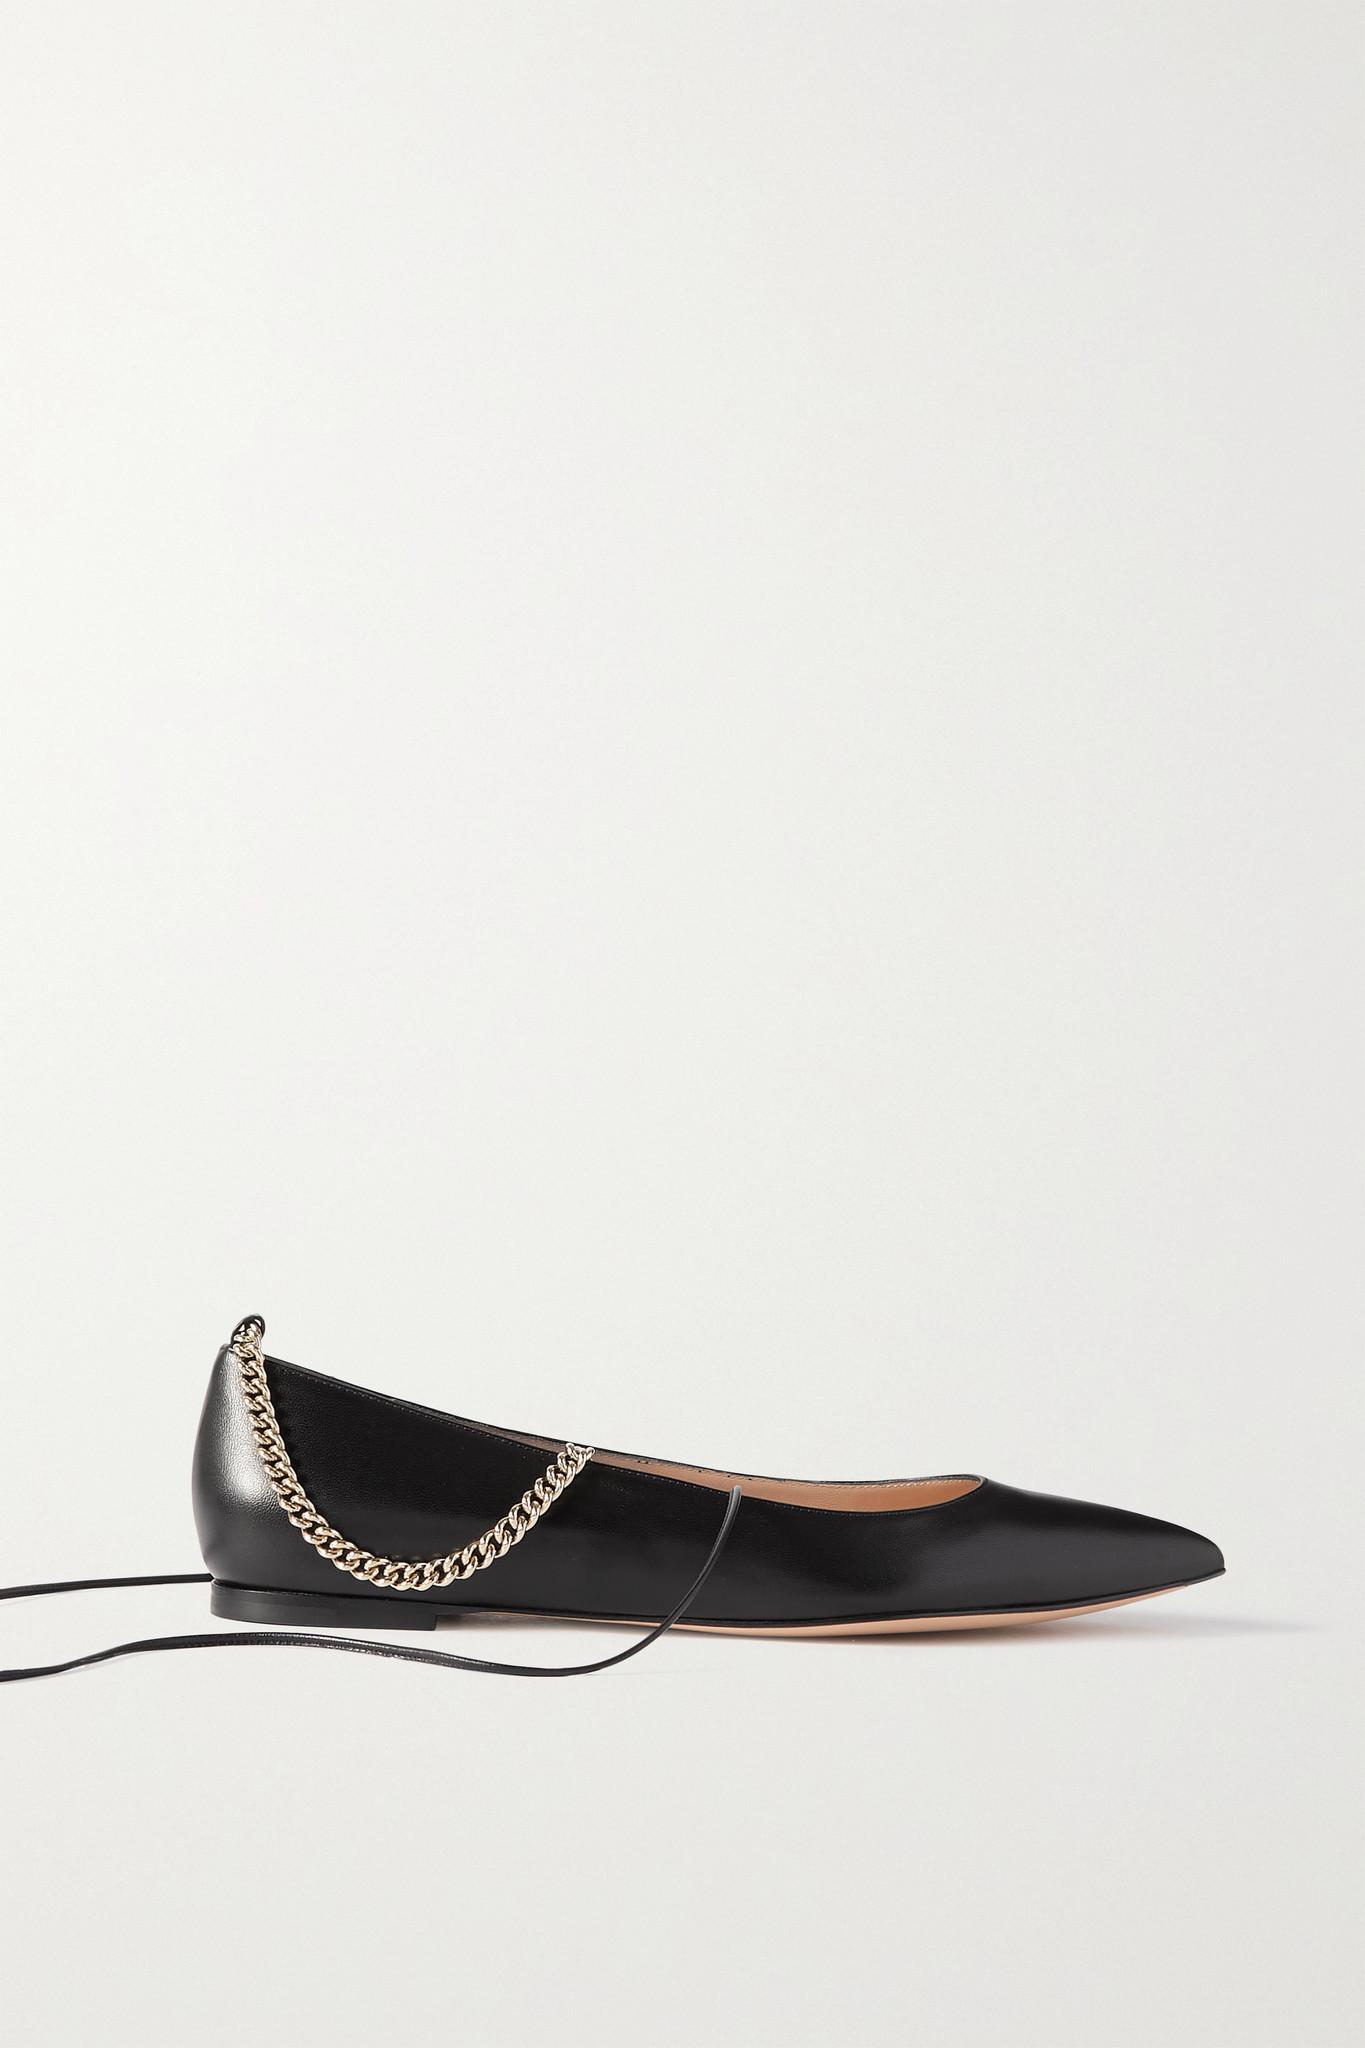 GIANVITO ROSSI - 链条缀饰皮革尖头平底鞋 - 黑色 - IT40